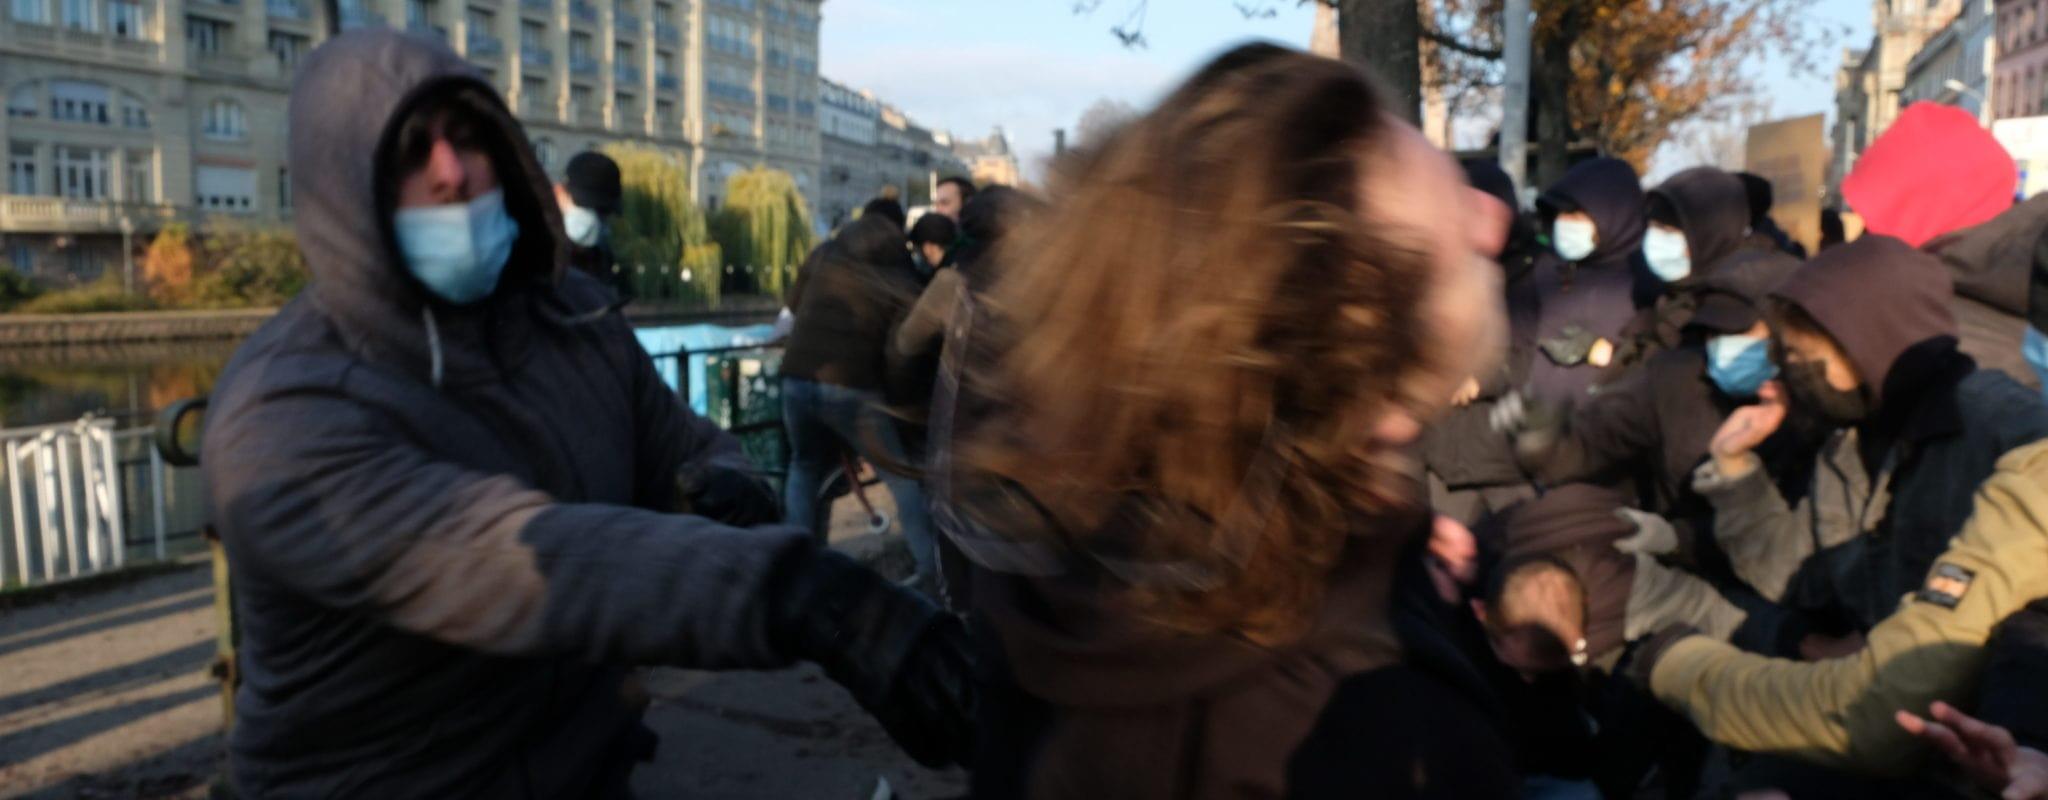 En une semaine, trois agressions contre des militants de gauche à Strasbourg